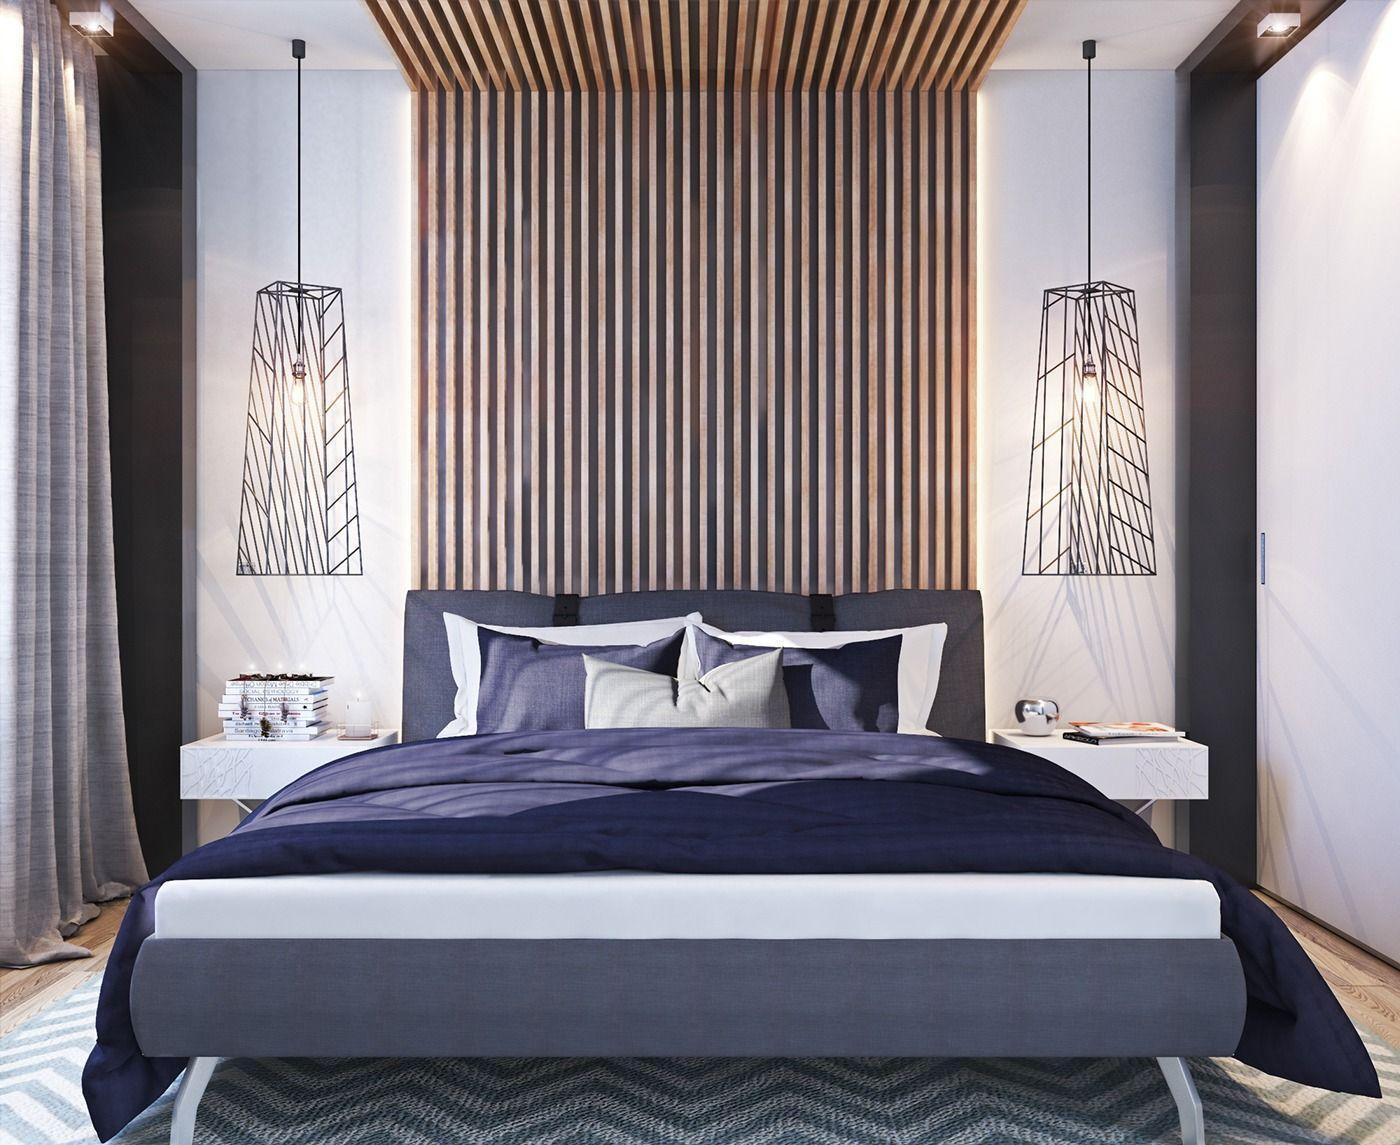 Foto: Reprodução / Home Designing